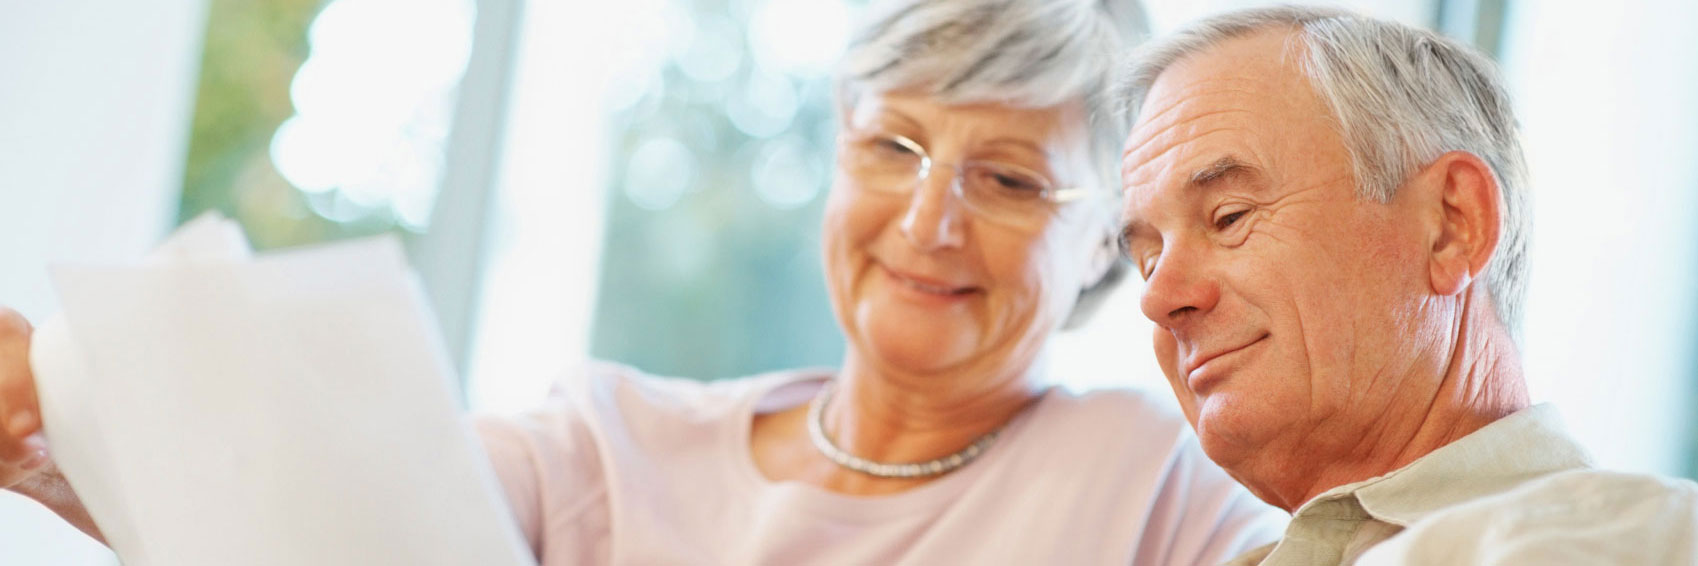 Environ 2/3 des Canadiens qui souffrent d'Alzheimer sont des femmes